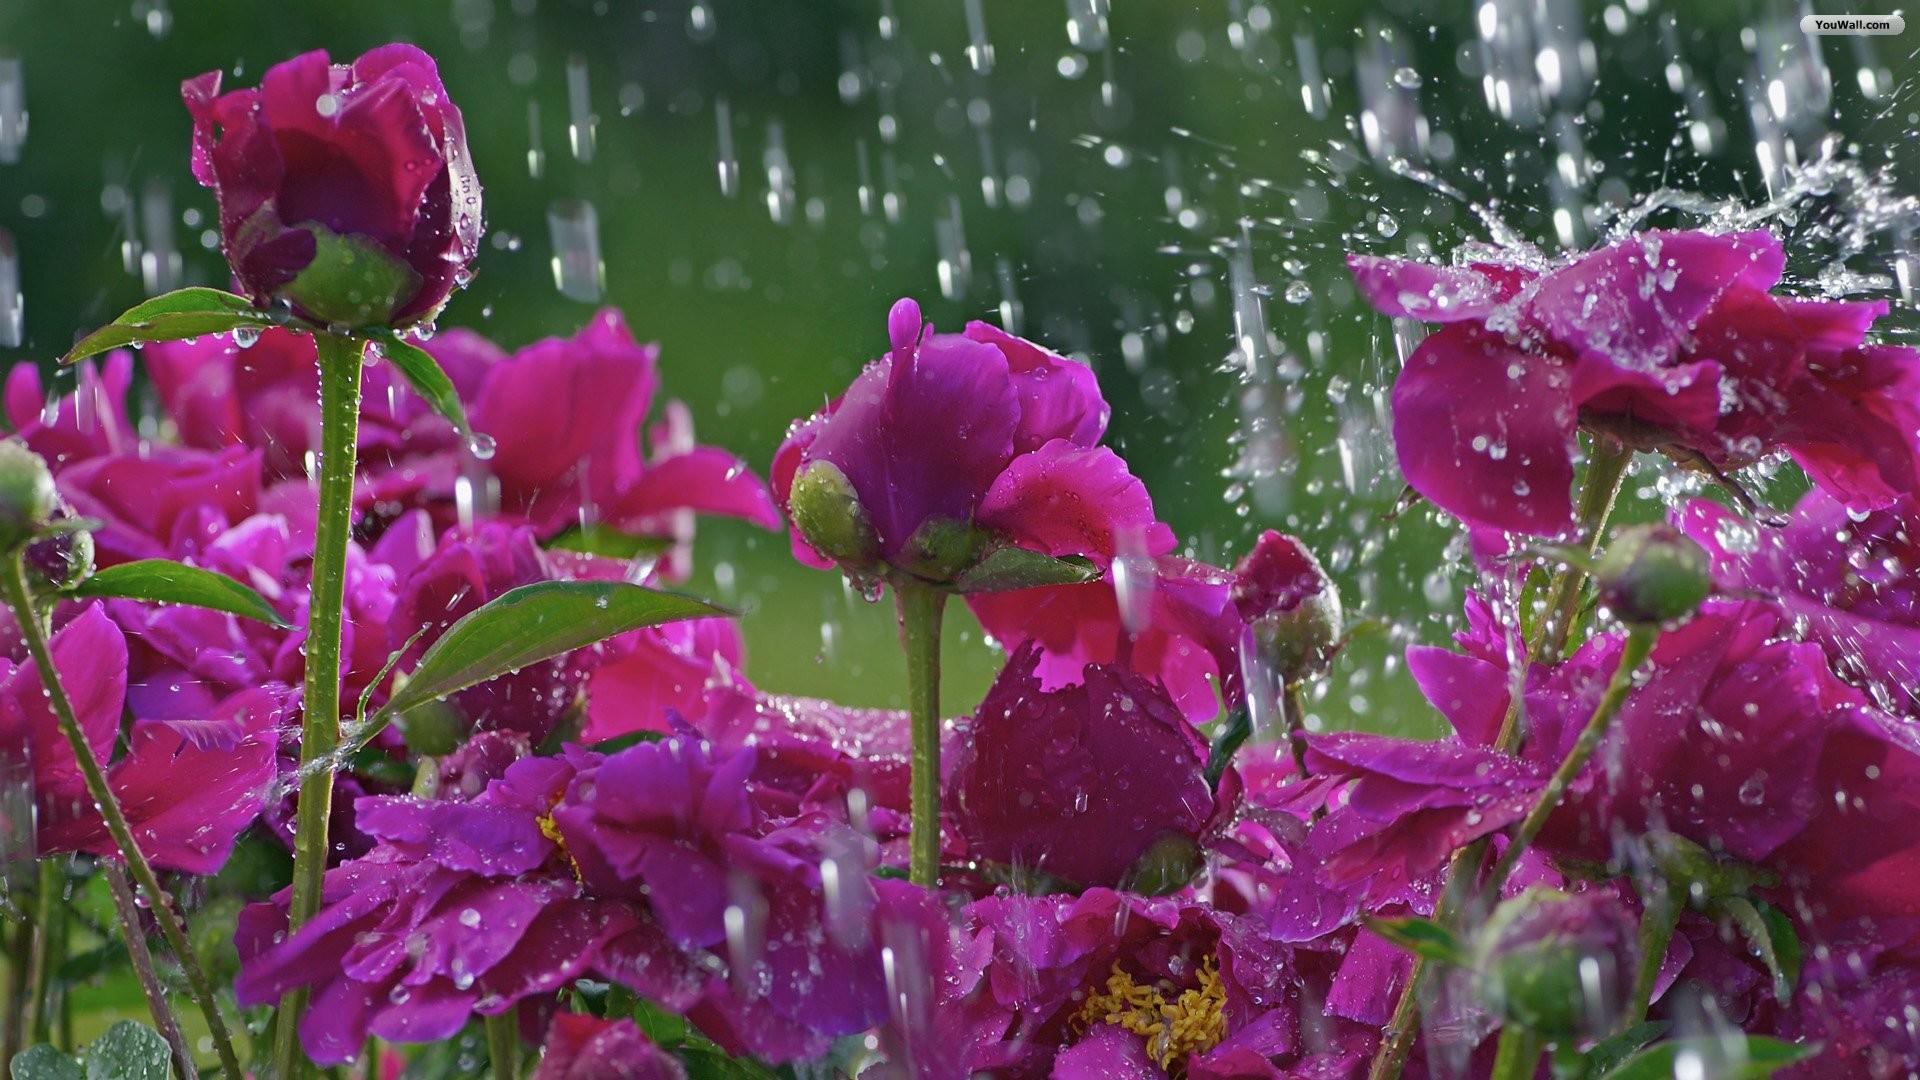 Rainy Spring Desktop Wallpaper